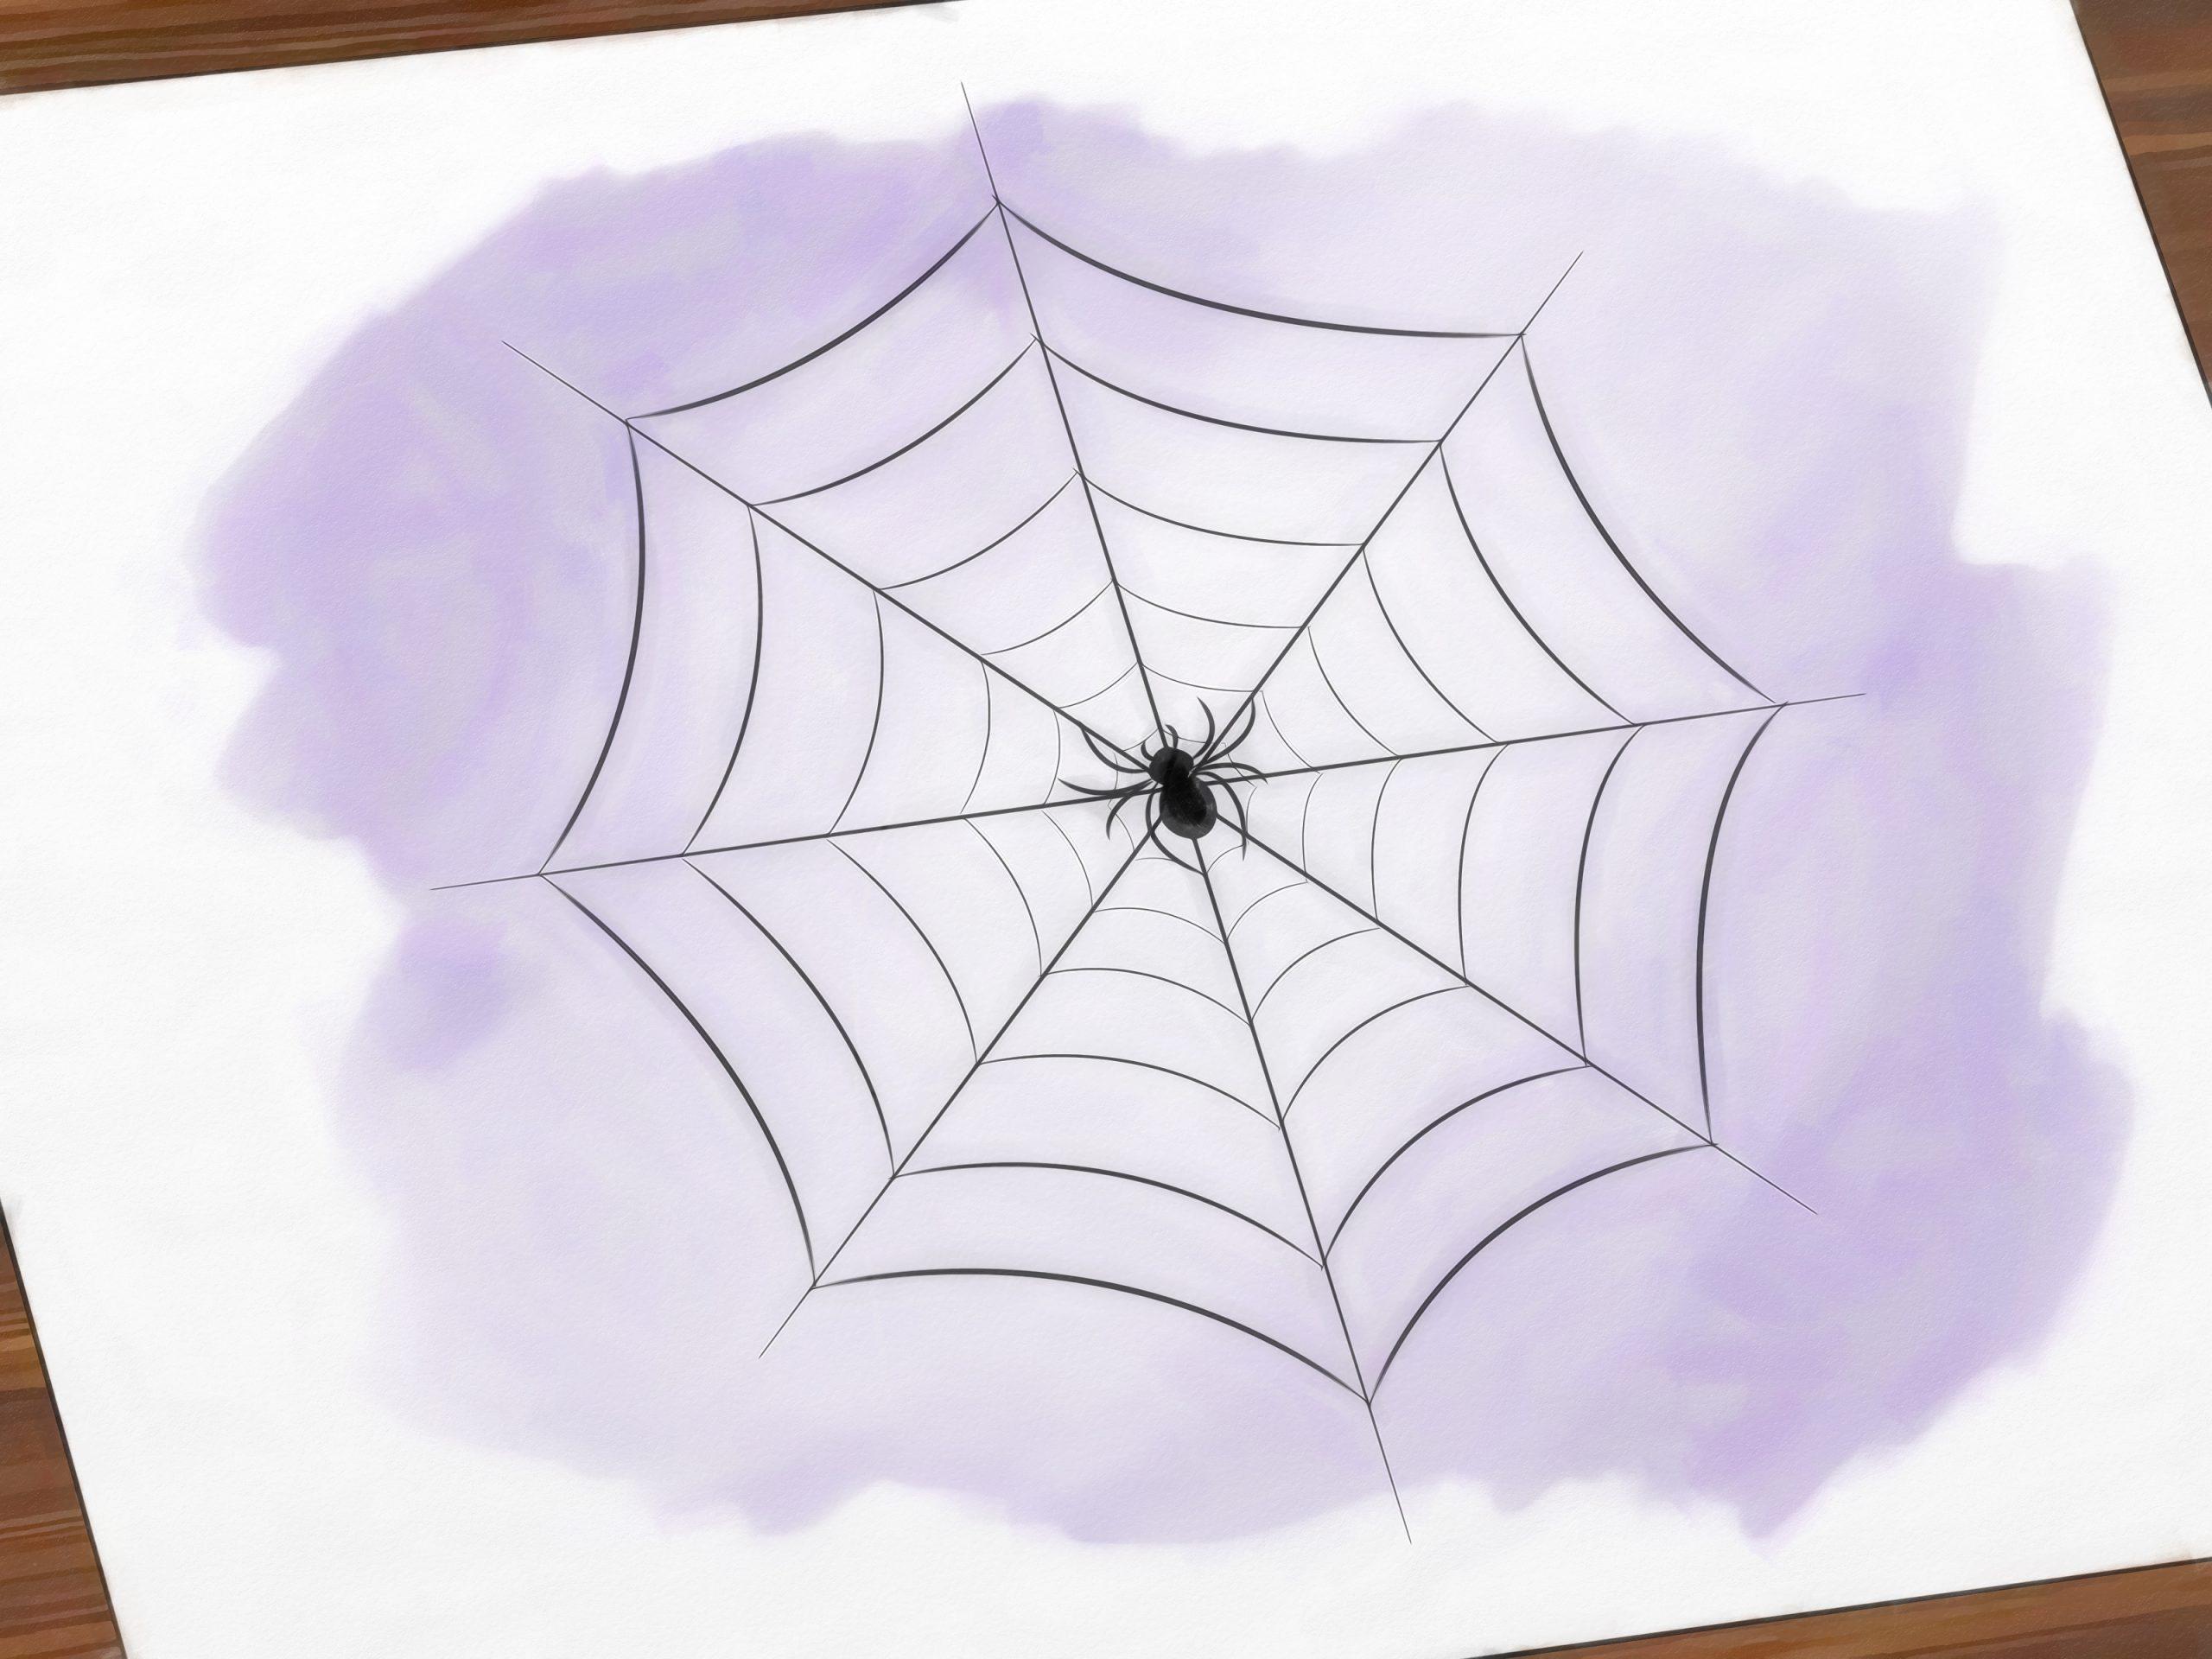 3 Manières De Dessiner Une Toile D'araignée - Wikihow pour Dessin Toile Araignée